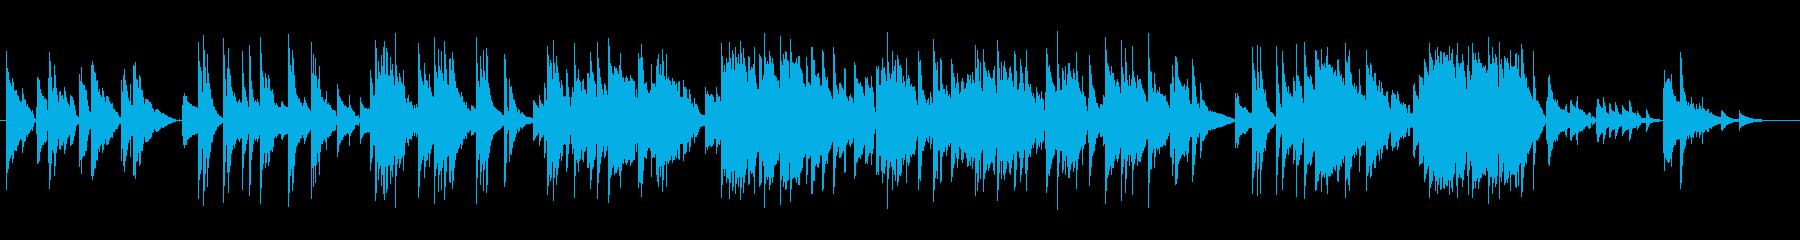 心に染み入る切ないバラードの再生済みの波形